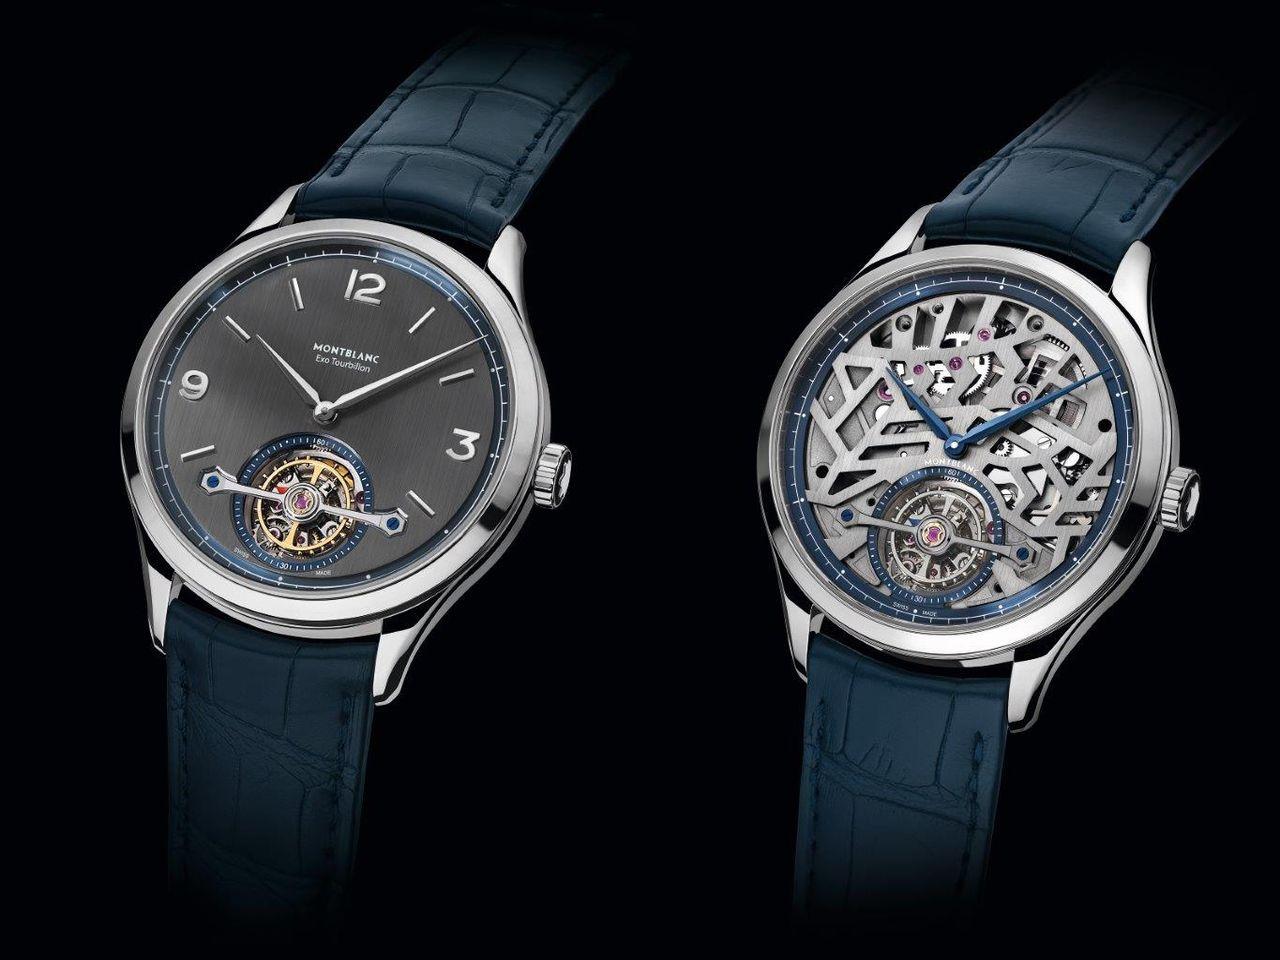 Montblanc Heritage Chronométrie Exo Tourbillon Slim és Openworked - tipikus példa arra, hogy egy számlap mennyire képes megváltoztatni két, minden más szempontból azonos órát